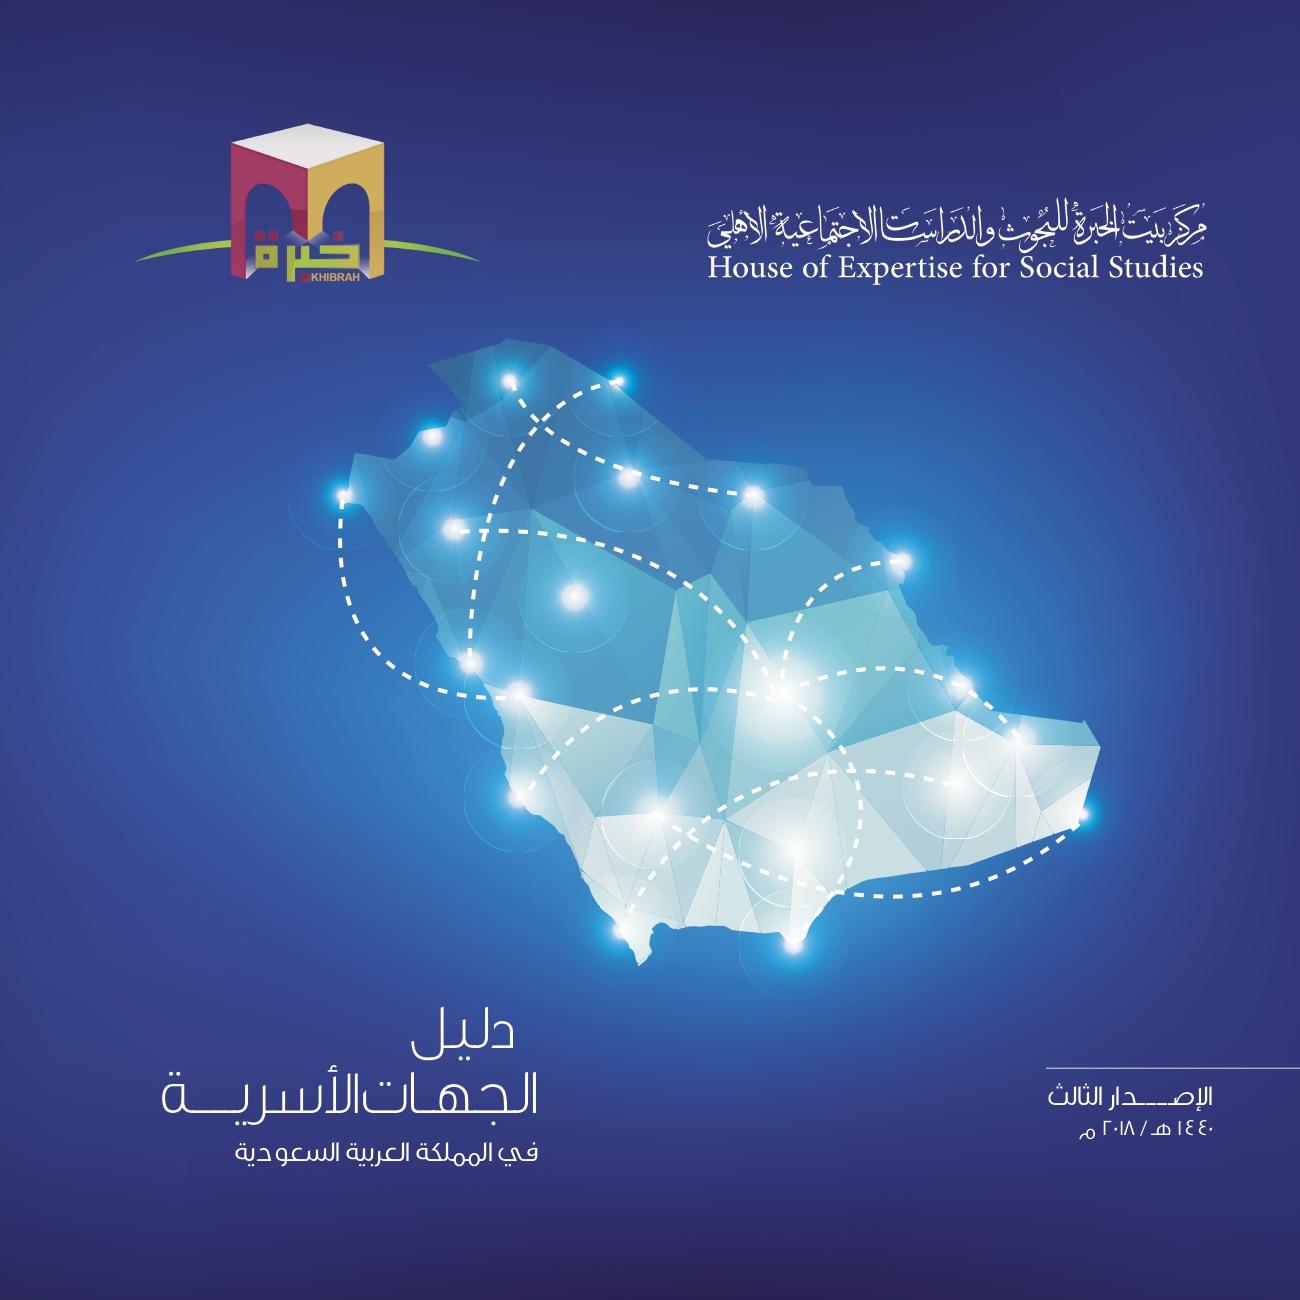 دليل الجهات الأسرة في المملكة العربية السعودية: الإصدار الثالث